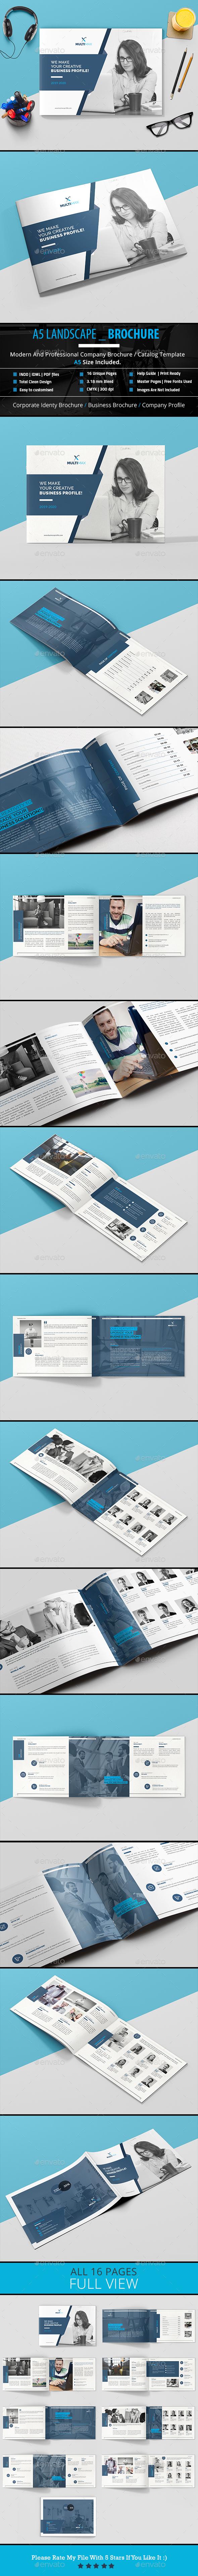 A5 Landscape _ Brochure - Brochures Print Templates